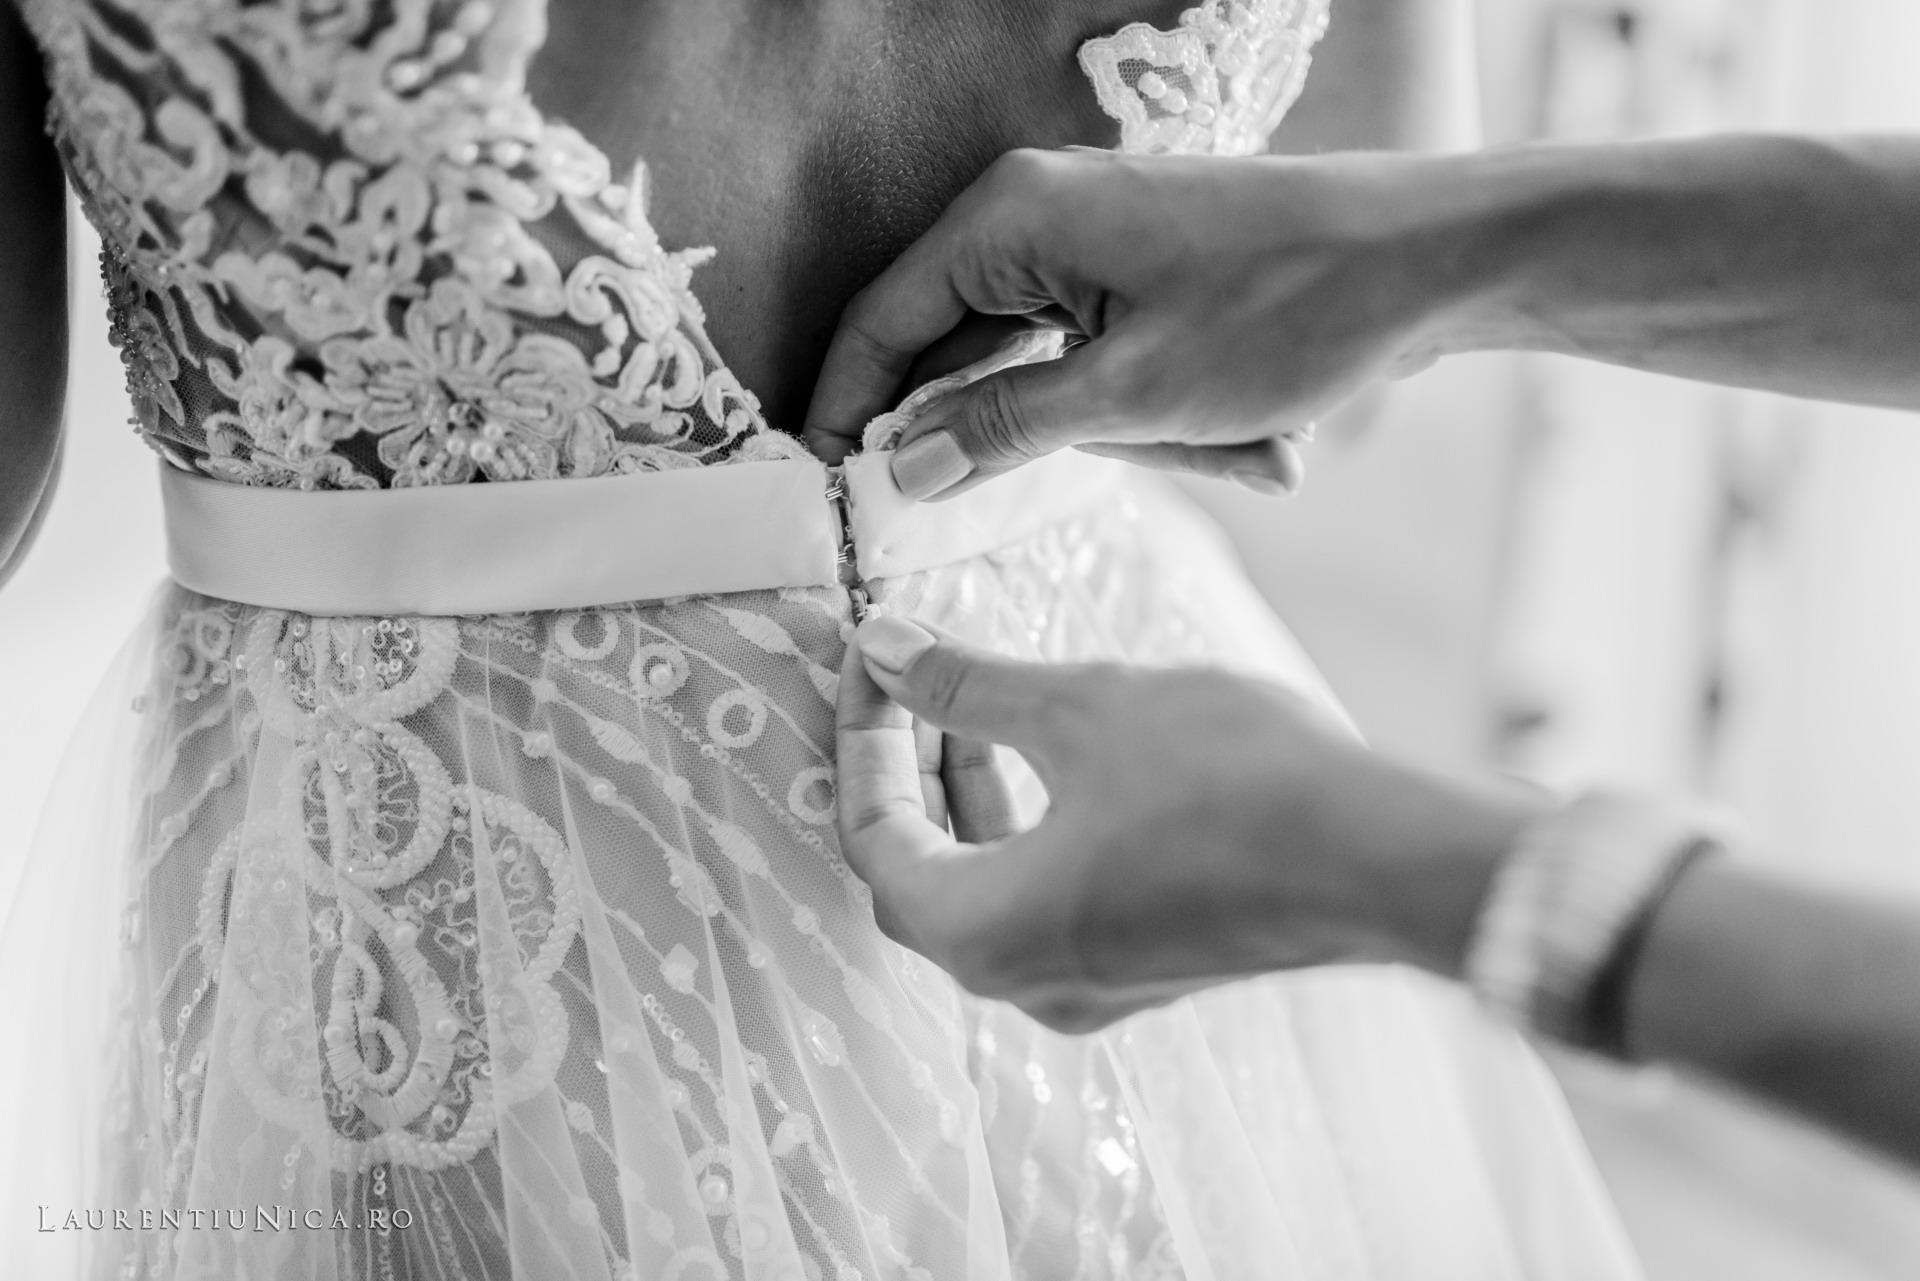 carolina si sorin craiova fotograf nunta laurentiu nica10 - Carolina & Sorin | Fotografii nunta